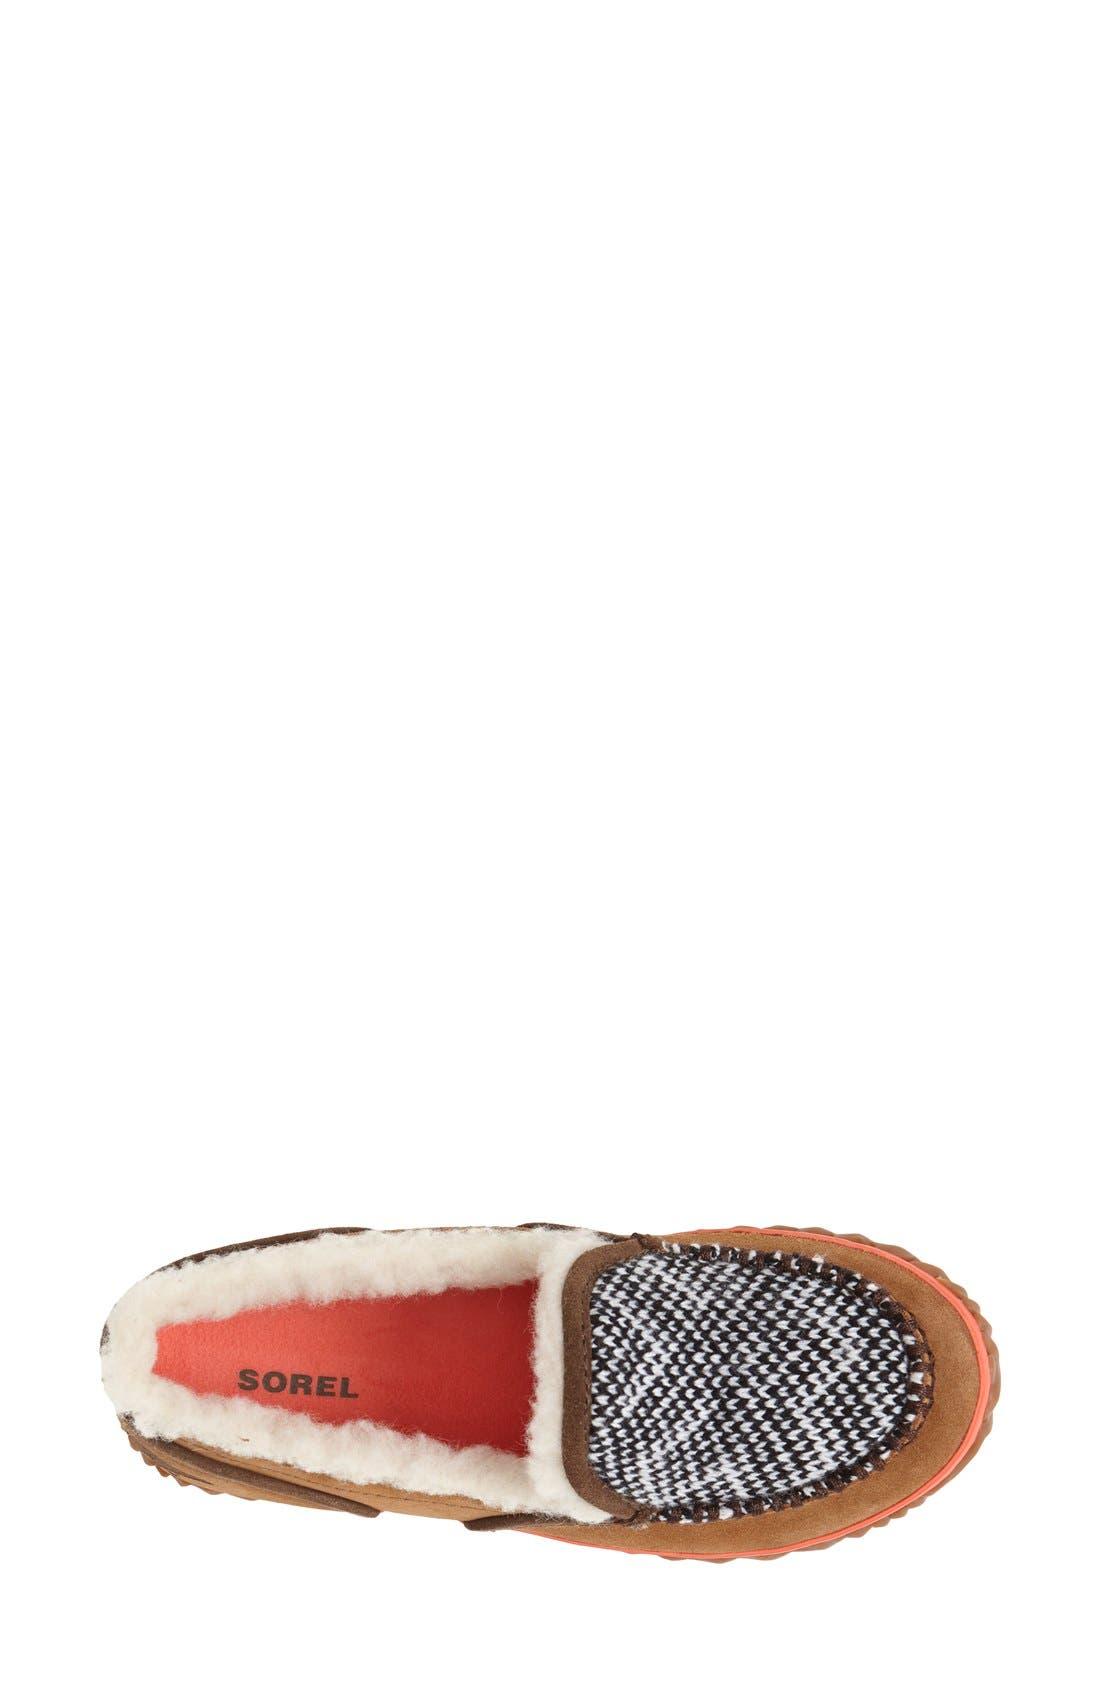 SOREL,                             'Tremblant Blanket' Slipper,                             Alternate thumbnail 3, color,                             240